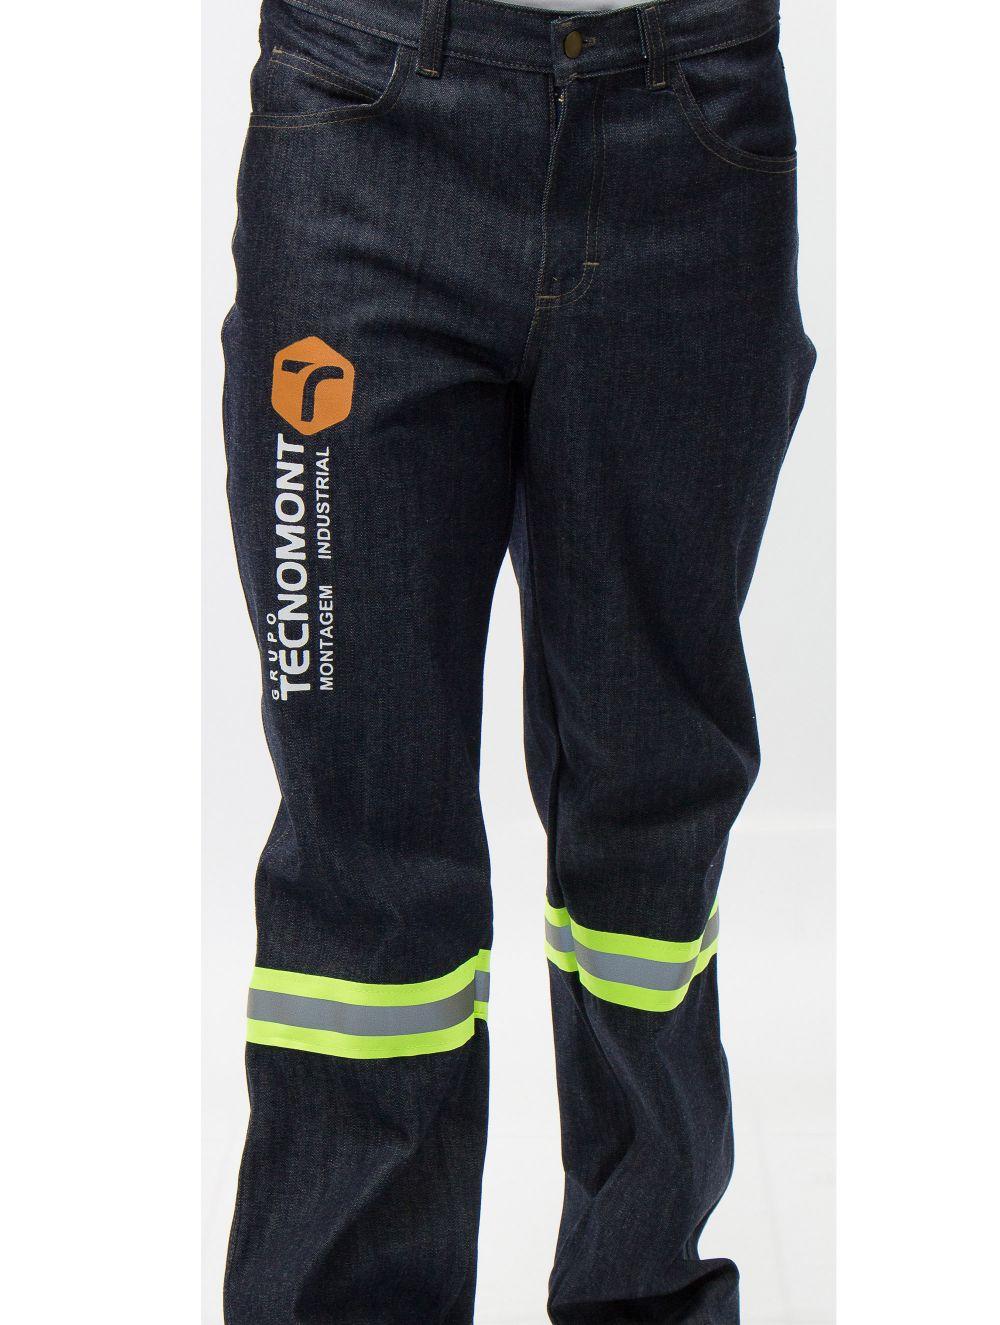 Calça operacional em Jeans